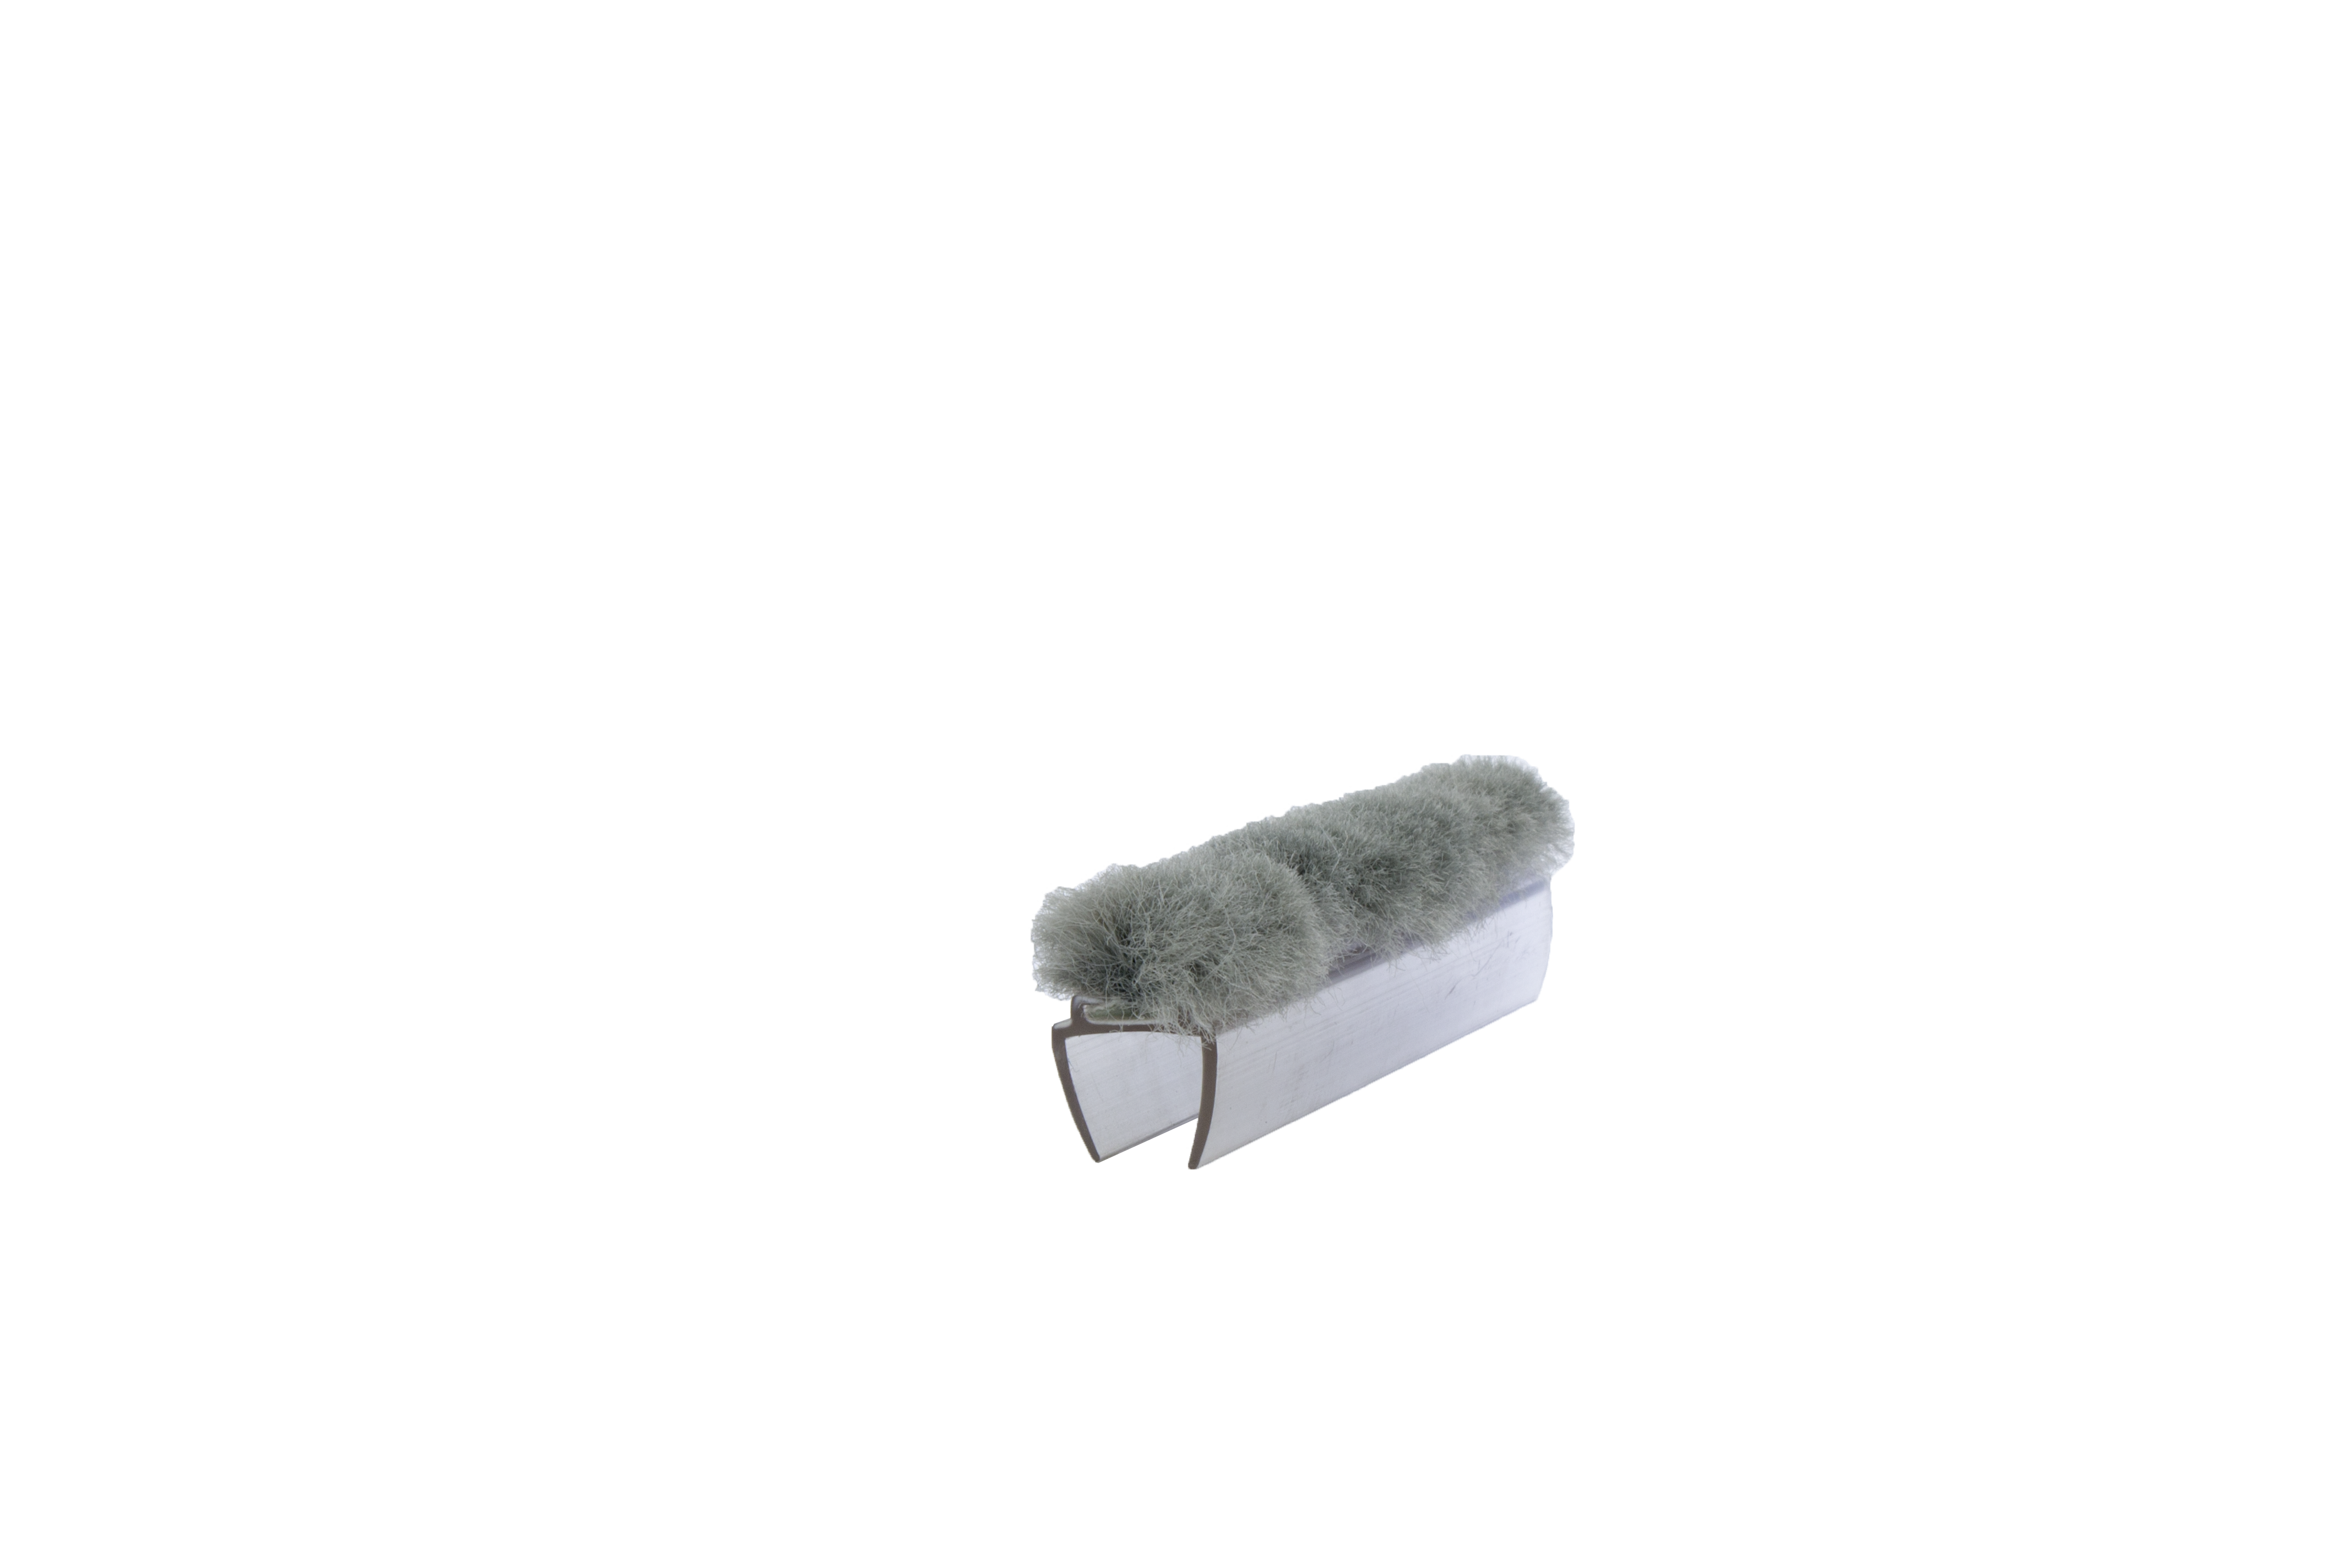 0808 Bristle Seal